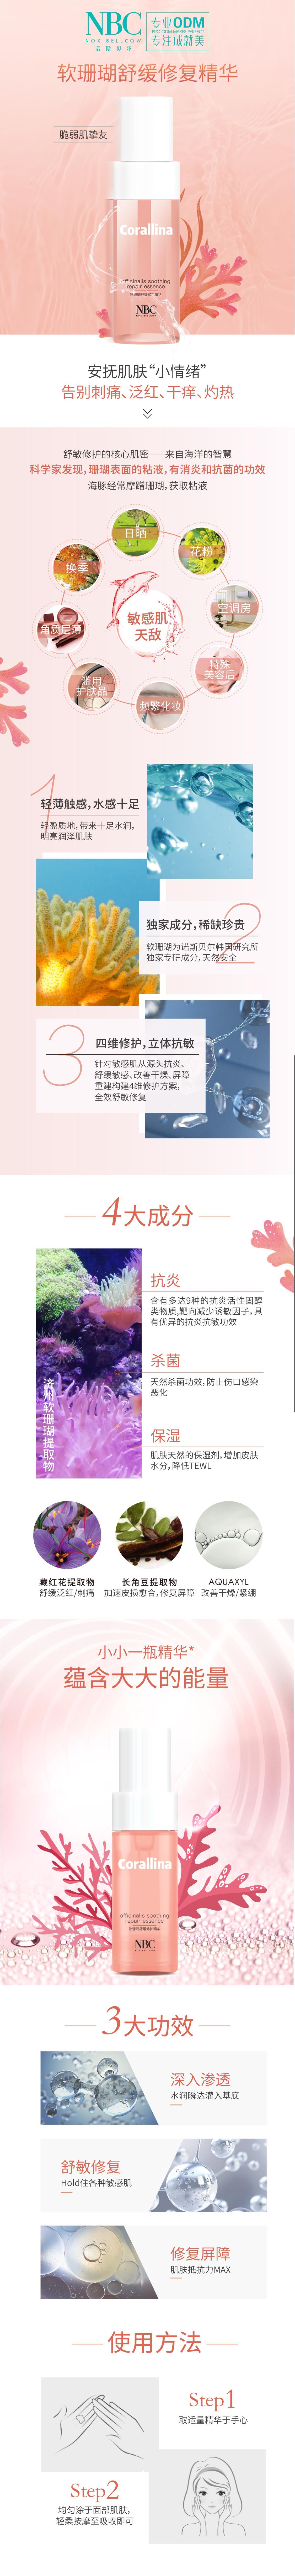 修护精华详情图-01.jpg